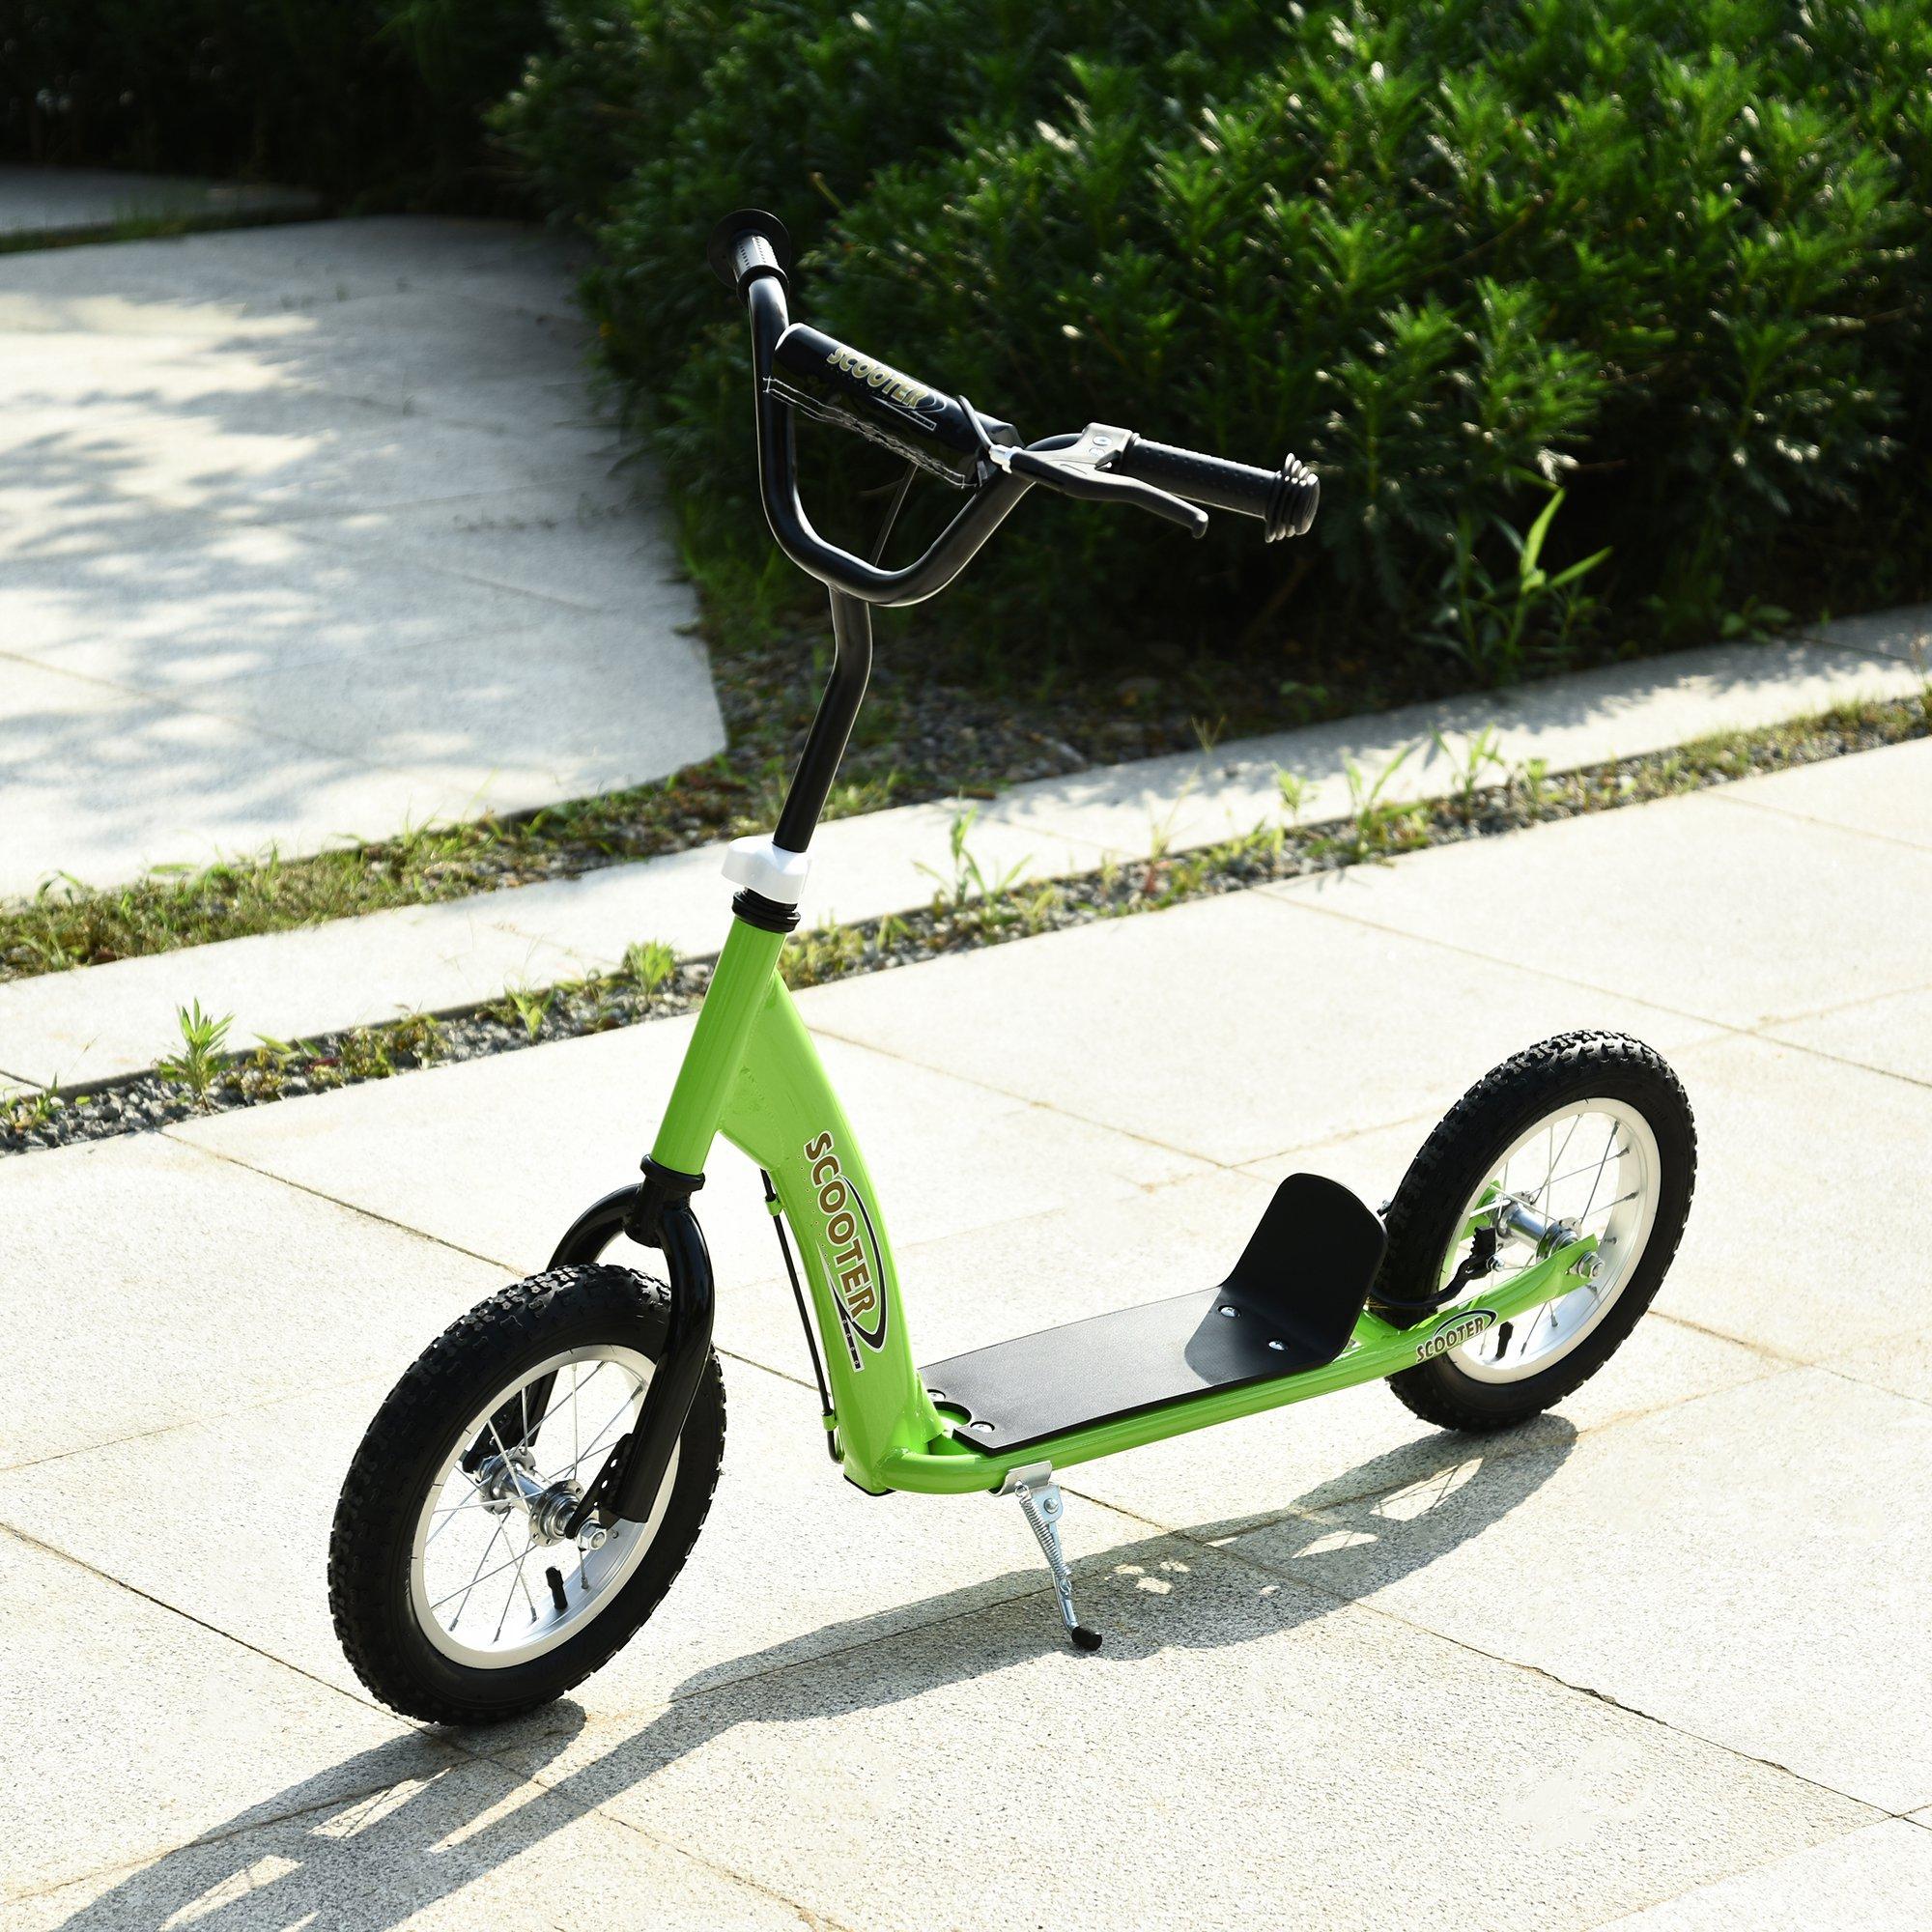 HOMCOM Patinete para Niños Mayores de 5 Años Scooter 2 Neumáticos Inflables de Caucho con Frenos Manillar Ajustable 117x52x80-85 cm Verde Aosom